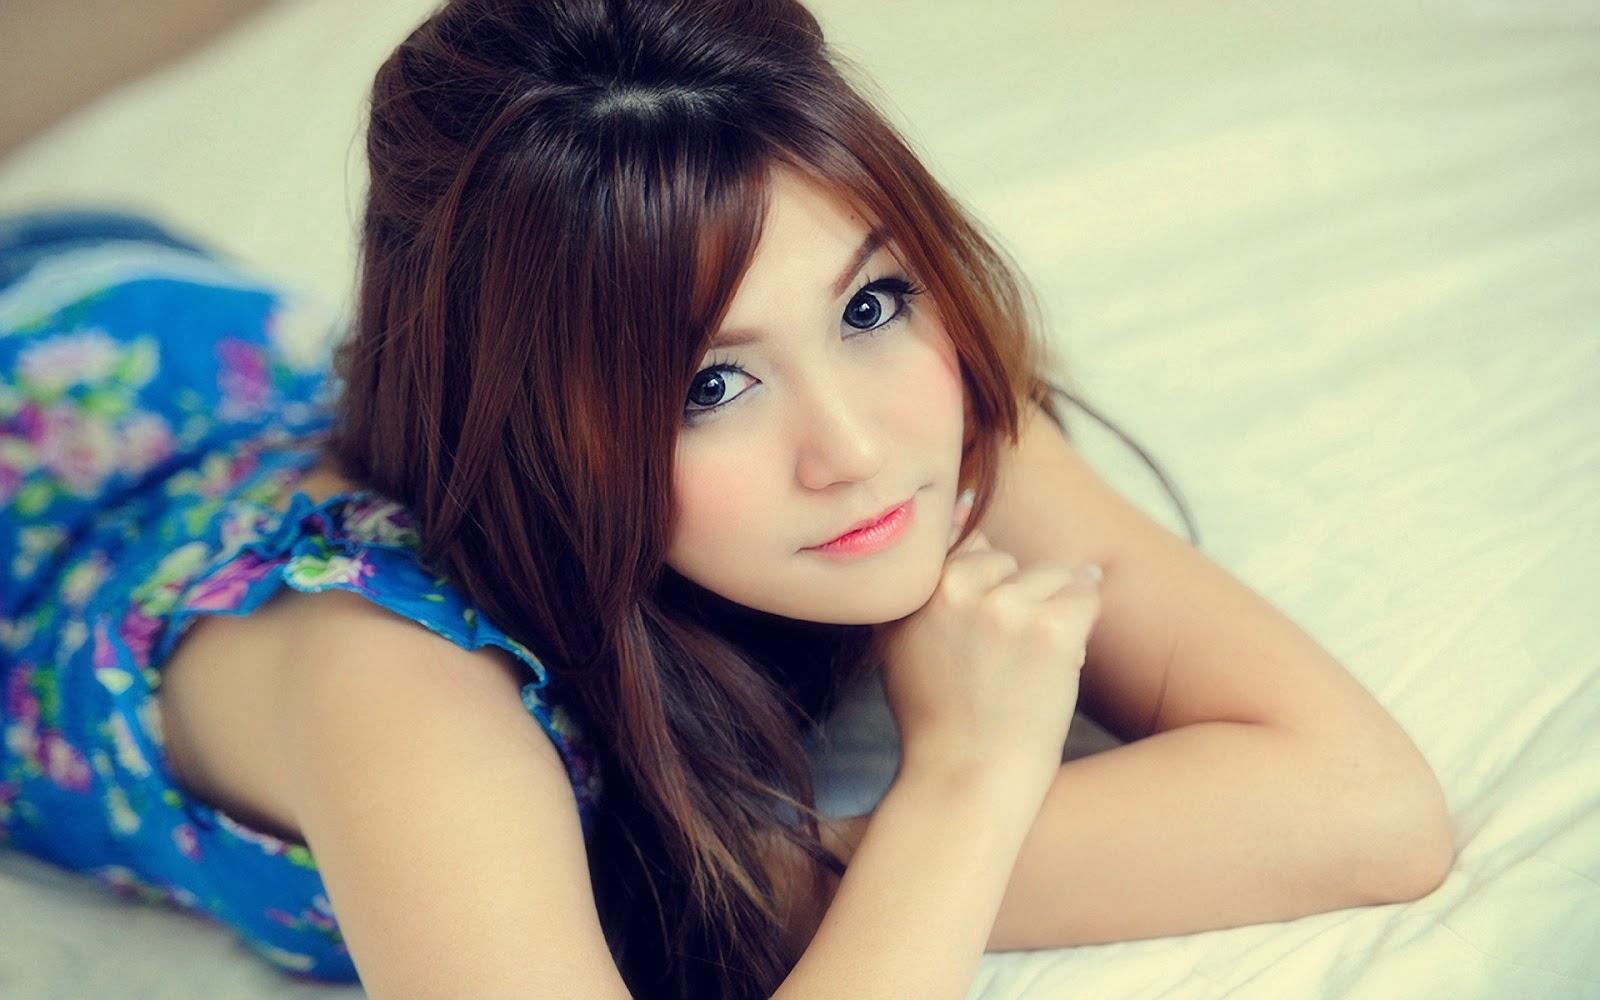 بالصور بنات مراهقات , اجمل صور بنات في سن المراهقة 3593